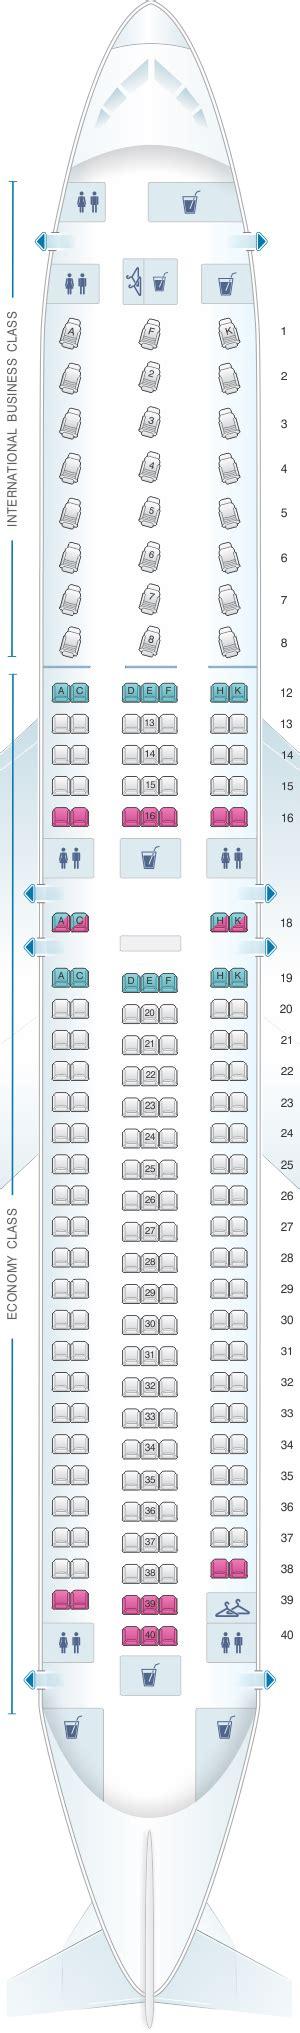 767 300 seating air canada plan de cabine air canada boeing b767 300 layout 1